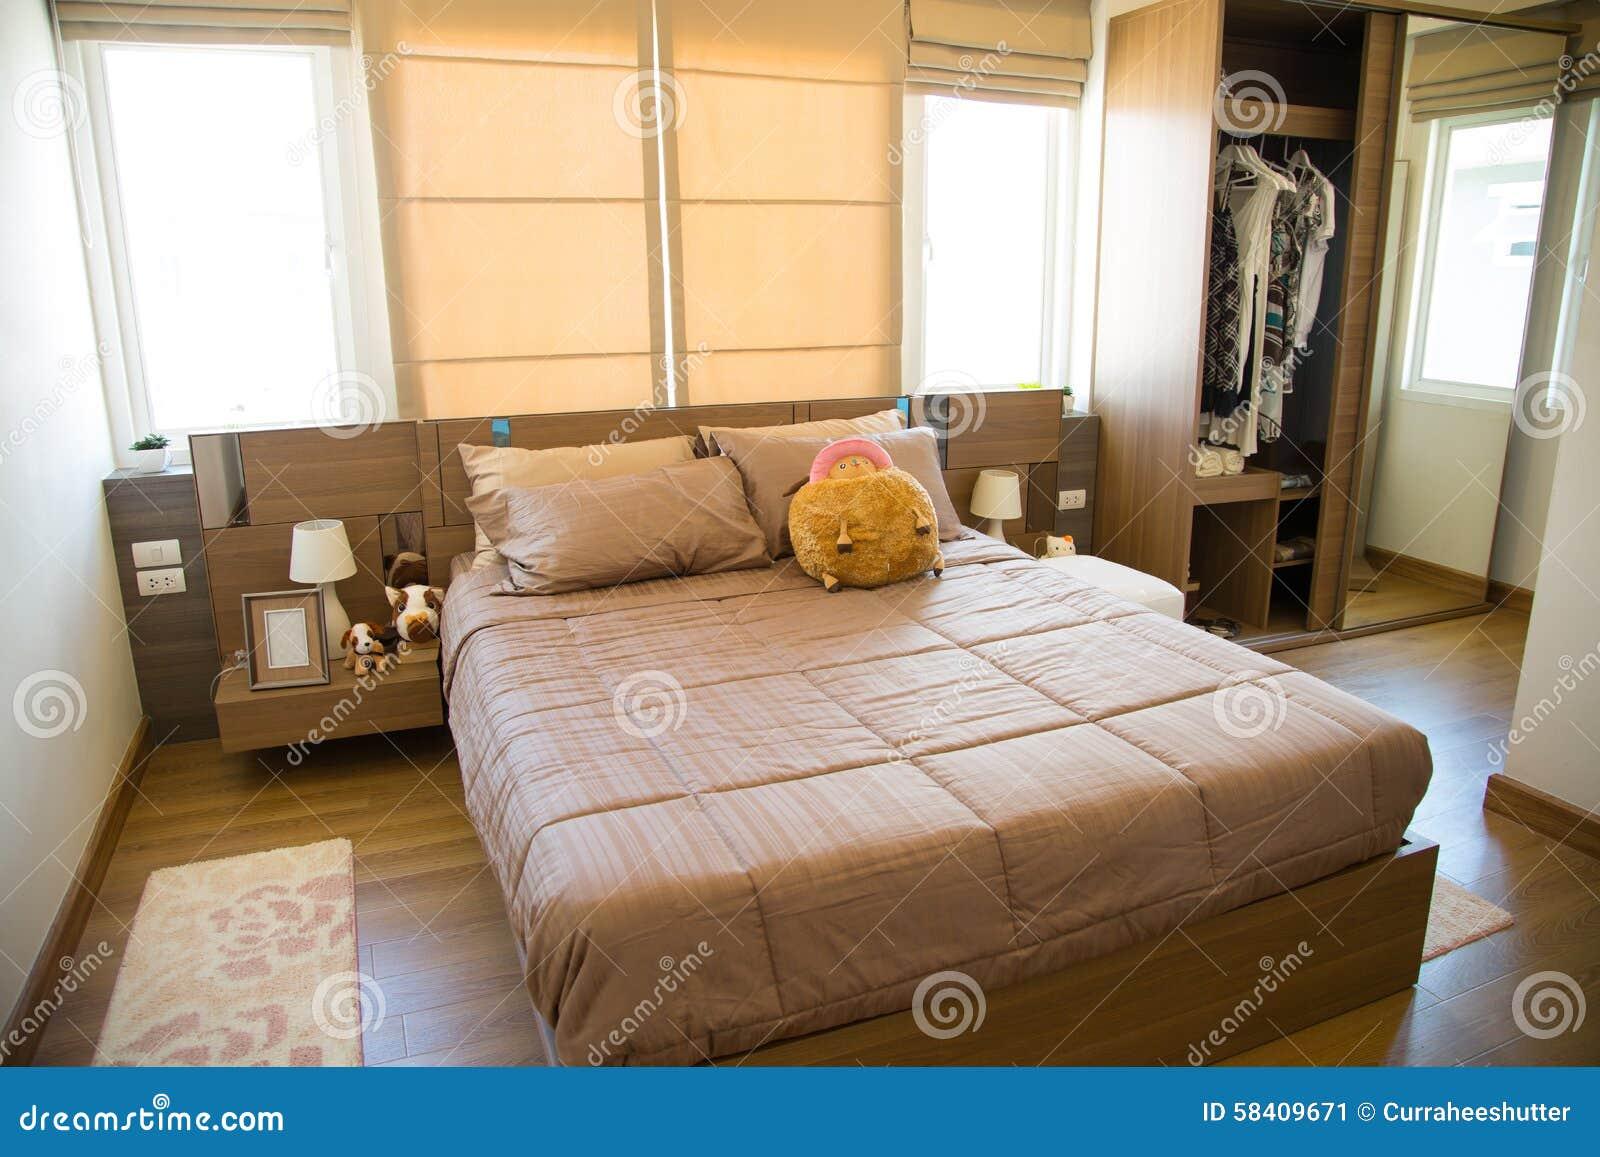 Decorazioni Camera Da Letto interno di stanza moderna o della stanza del letto, camera